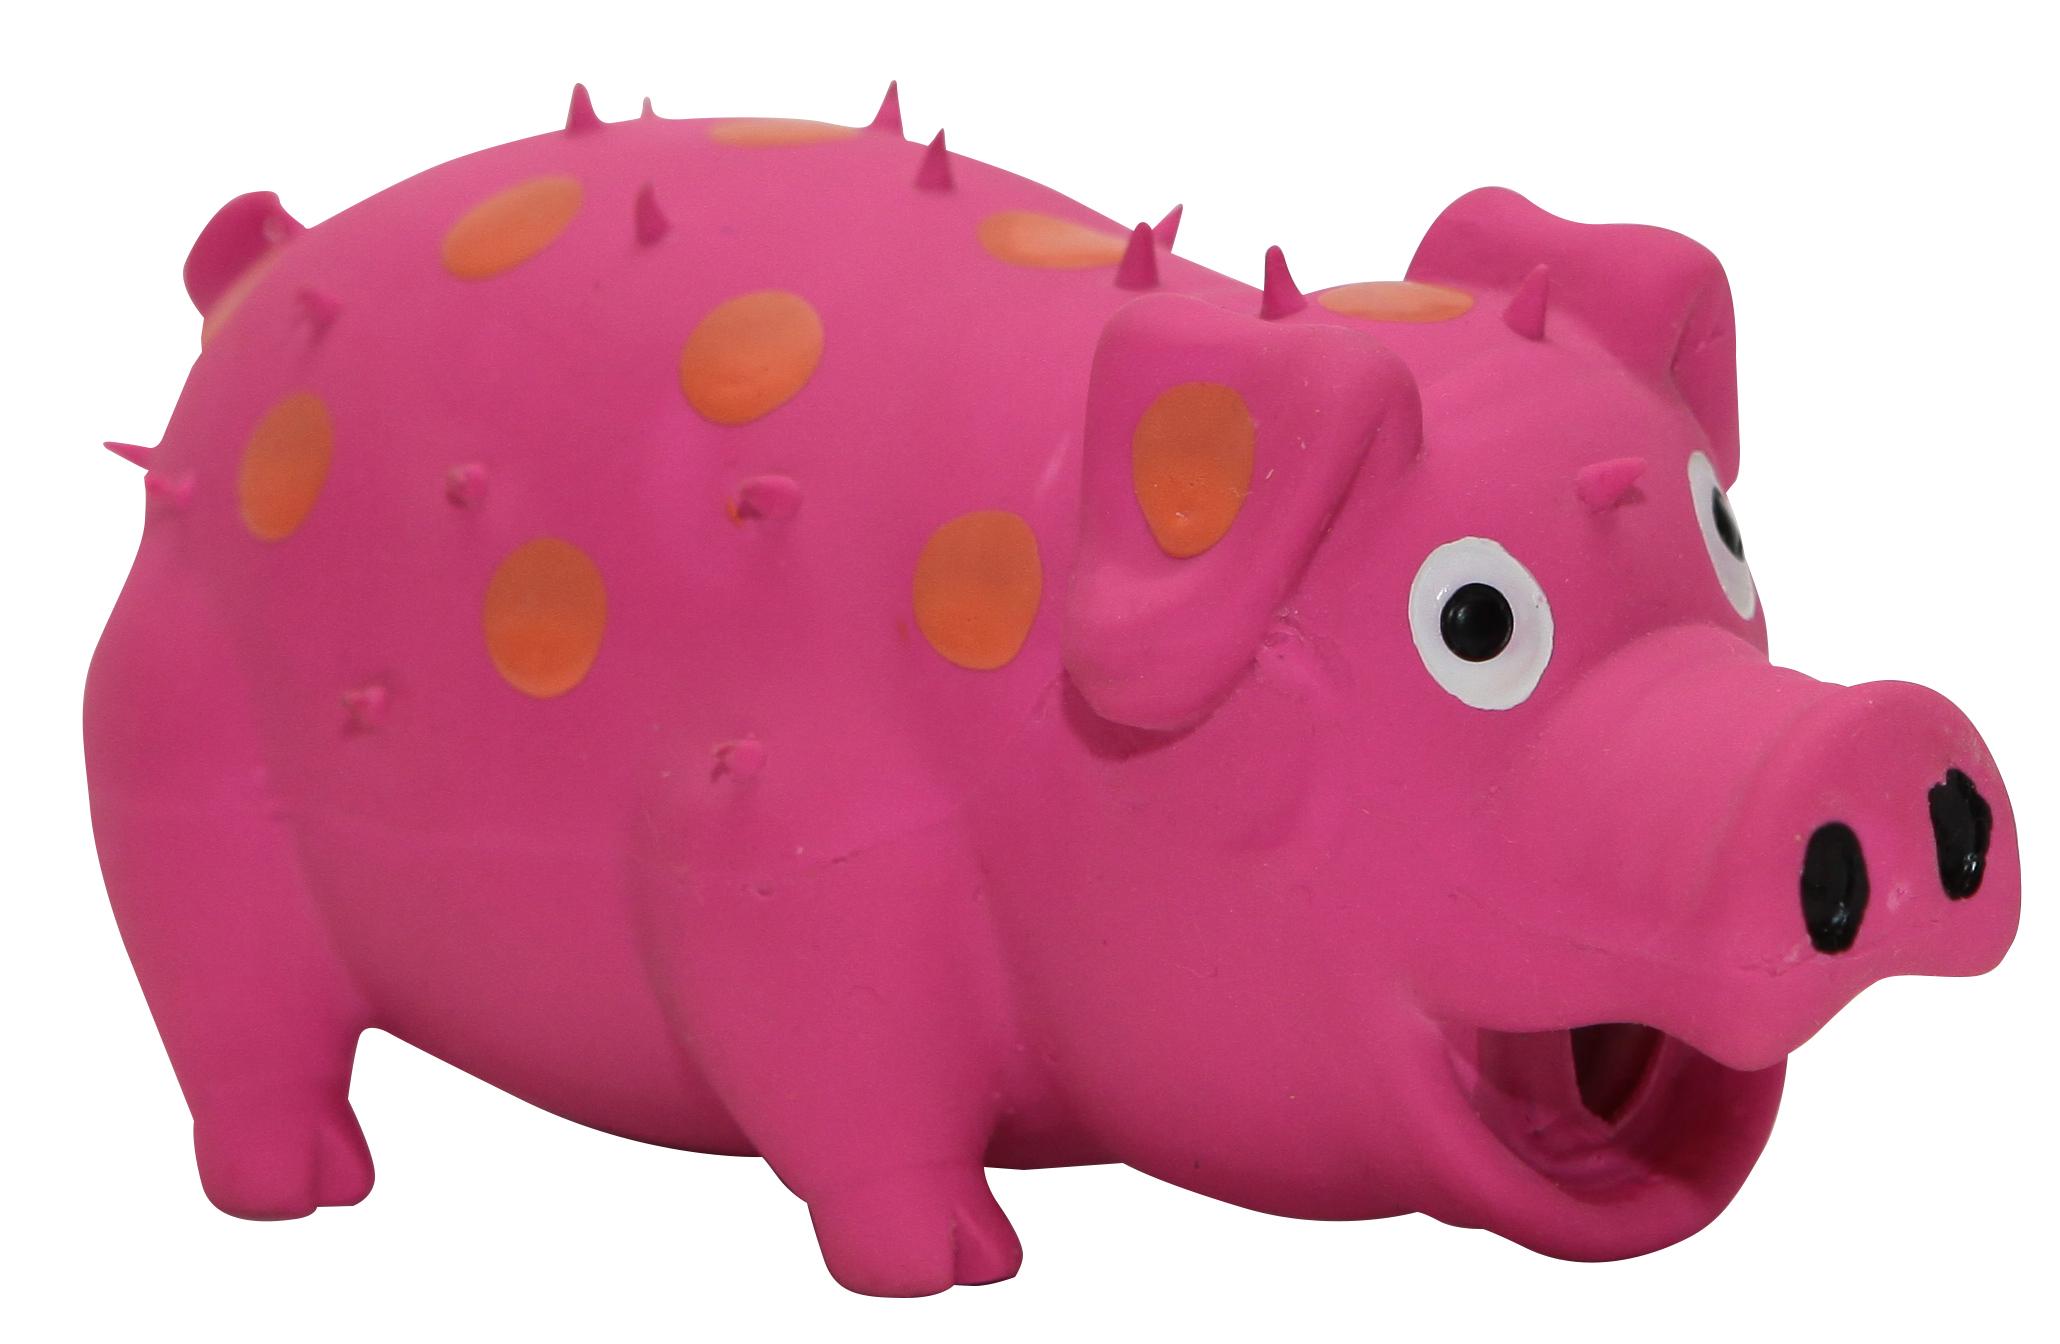 Игрушка для собак Ziver Свинья, цвет: розовый, длина 14,5 см игрушка для собак ziver осел длинноухий с пищалкой цвет голубой 18 см